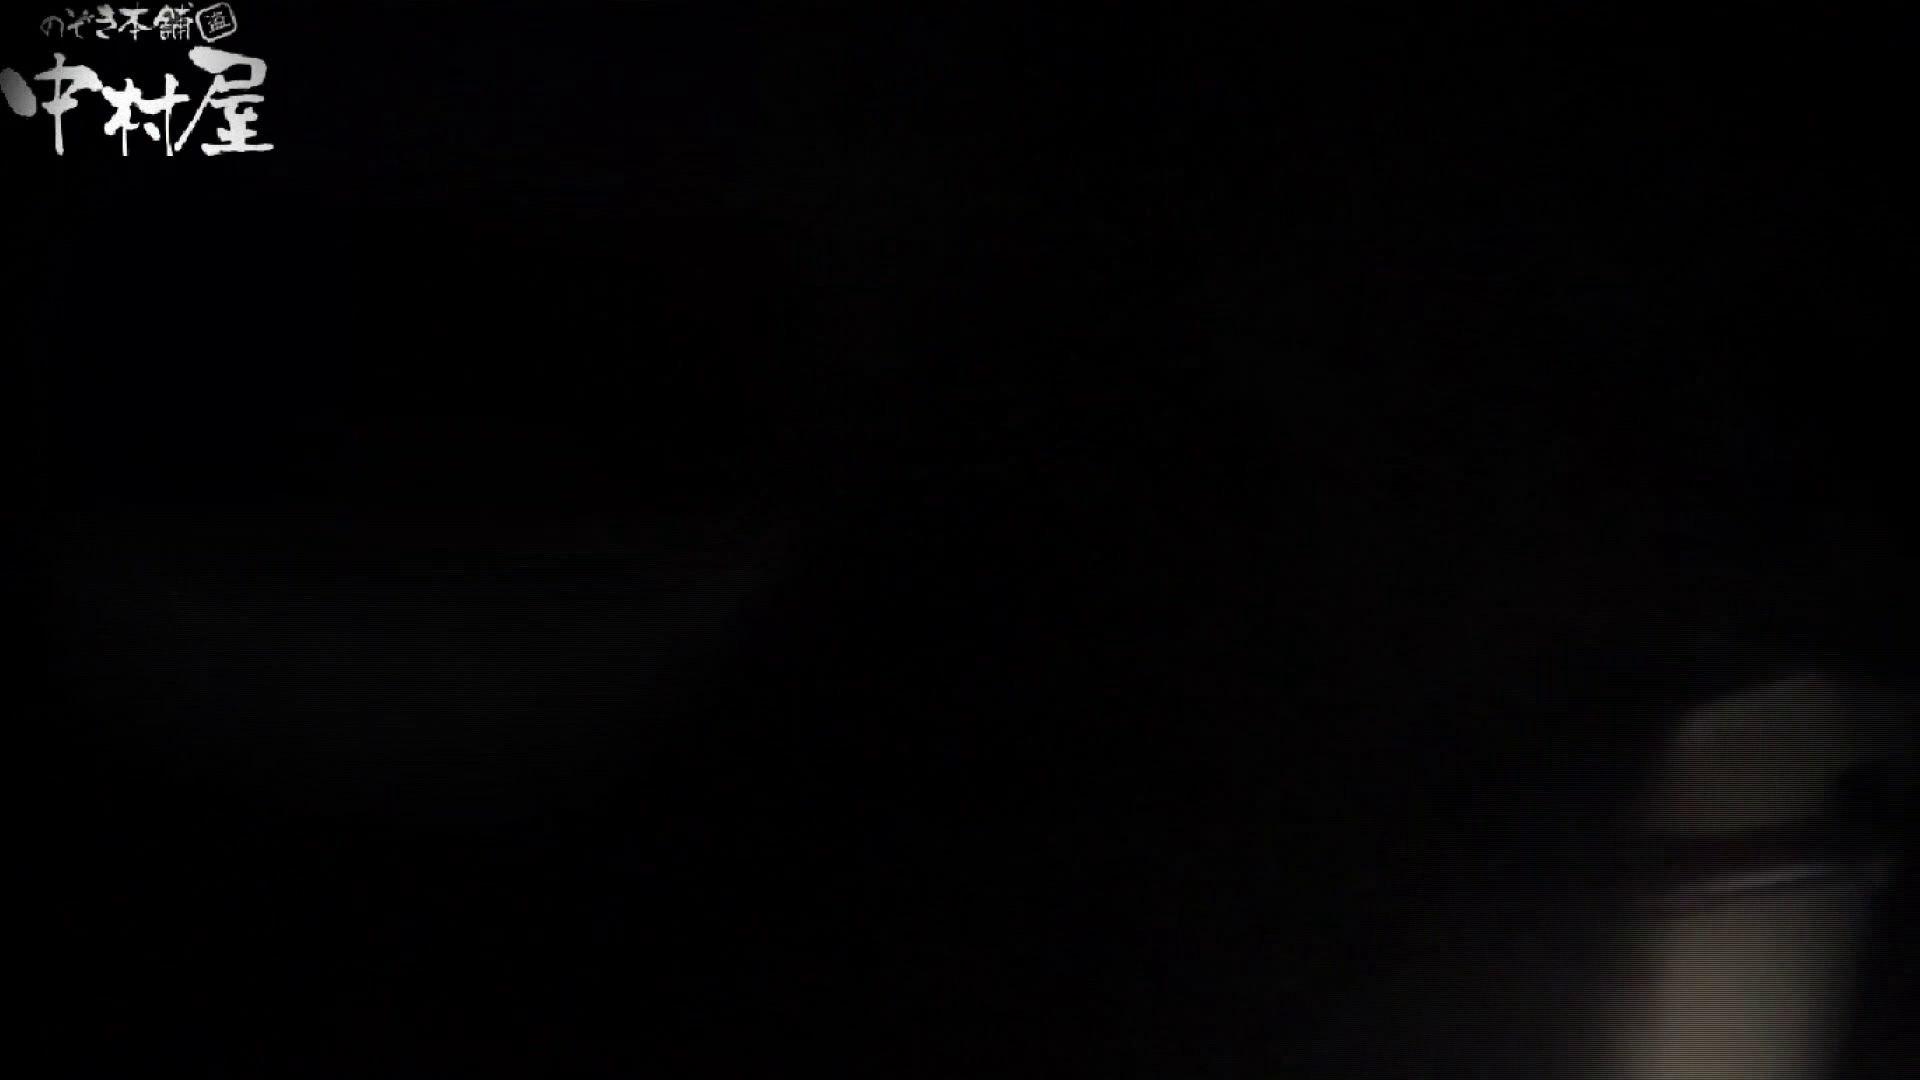 世界の射窓から~ステーション編~vol.39 お洒落な子がパイパン パイパン特集 | ギャルのマンコ  9枚 7